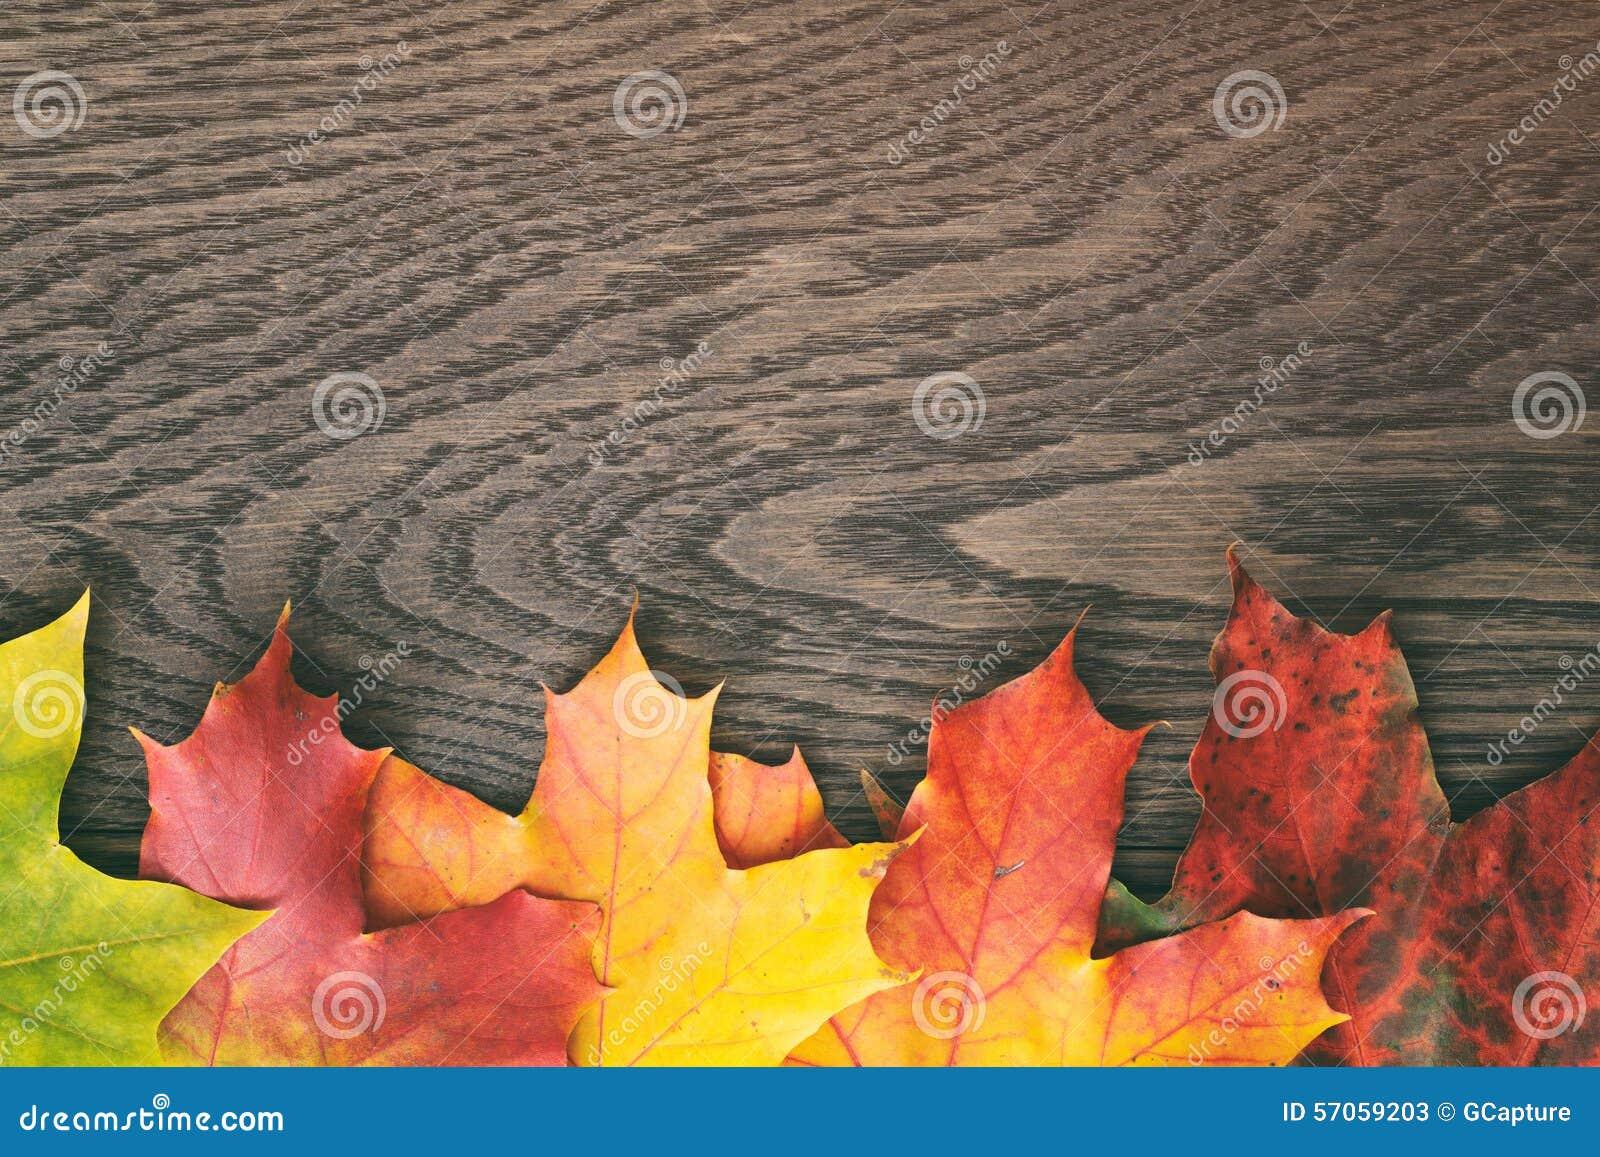 De herfstbladeren direct van hierboven